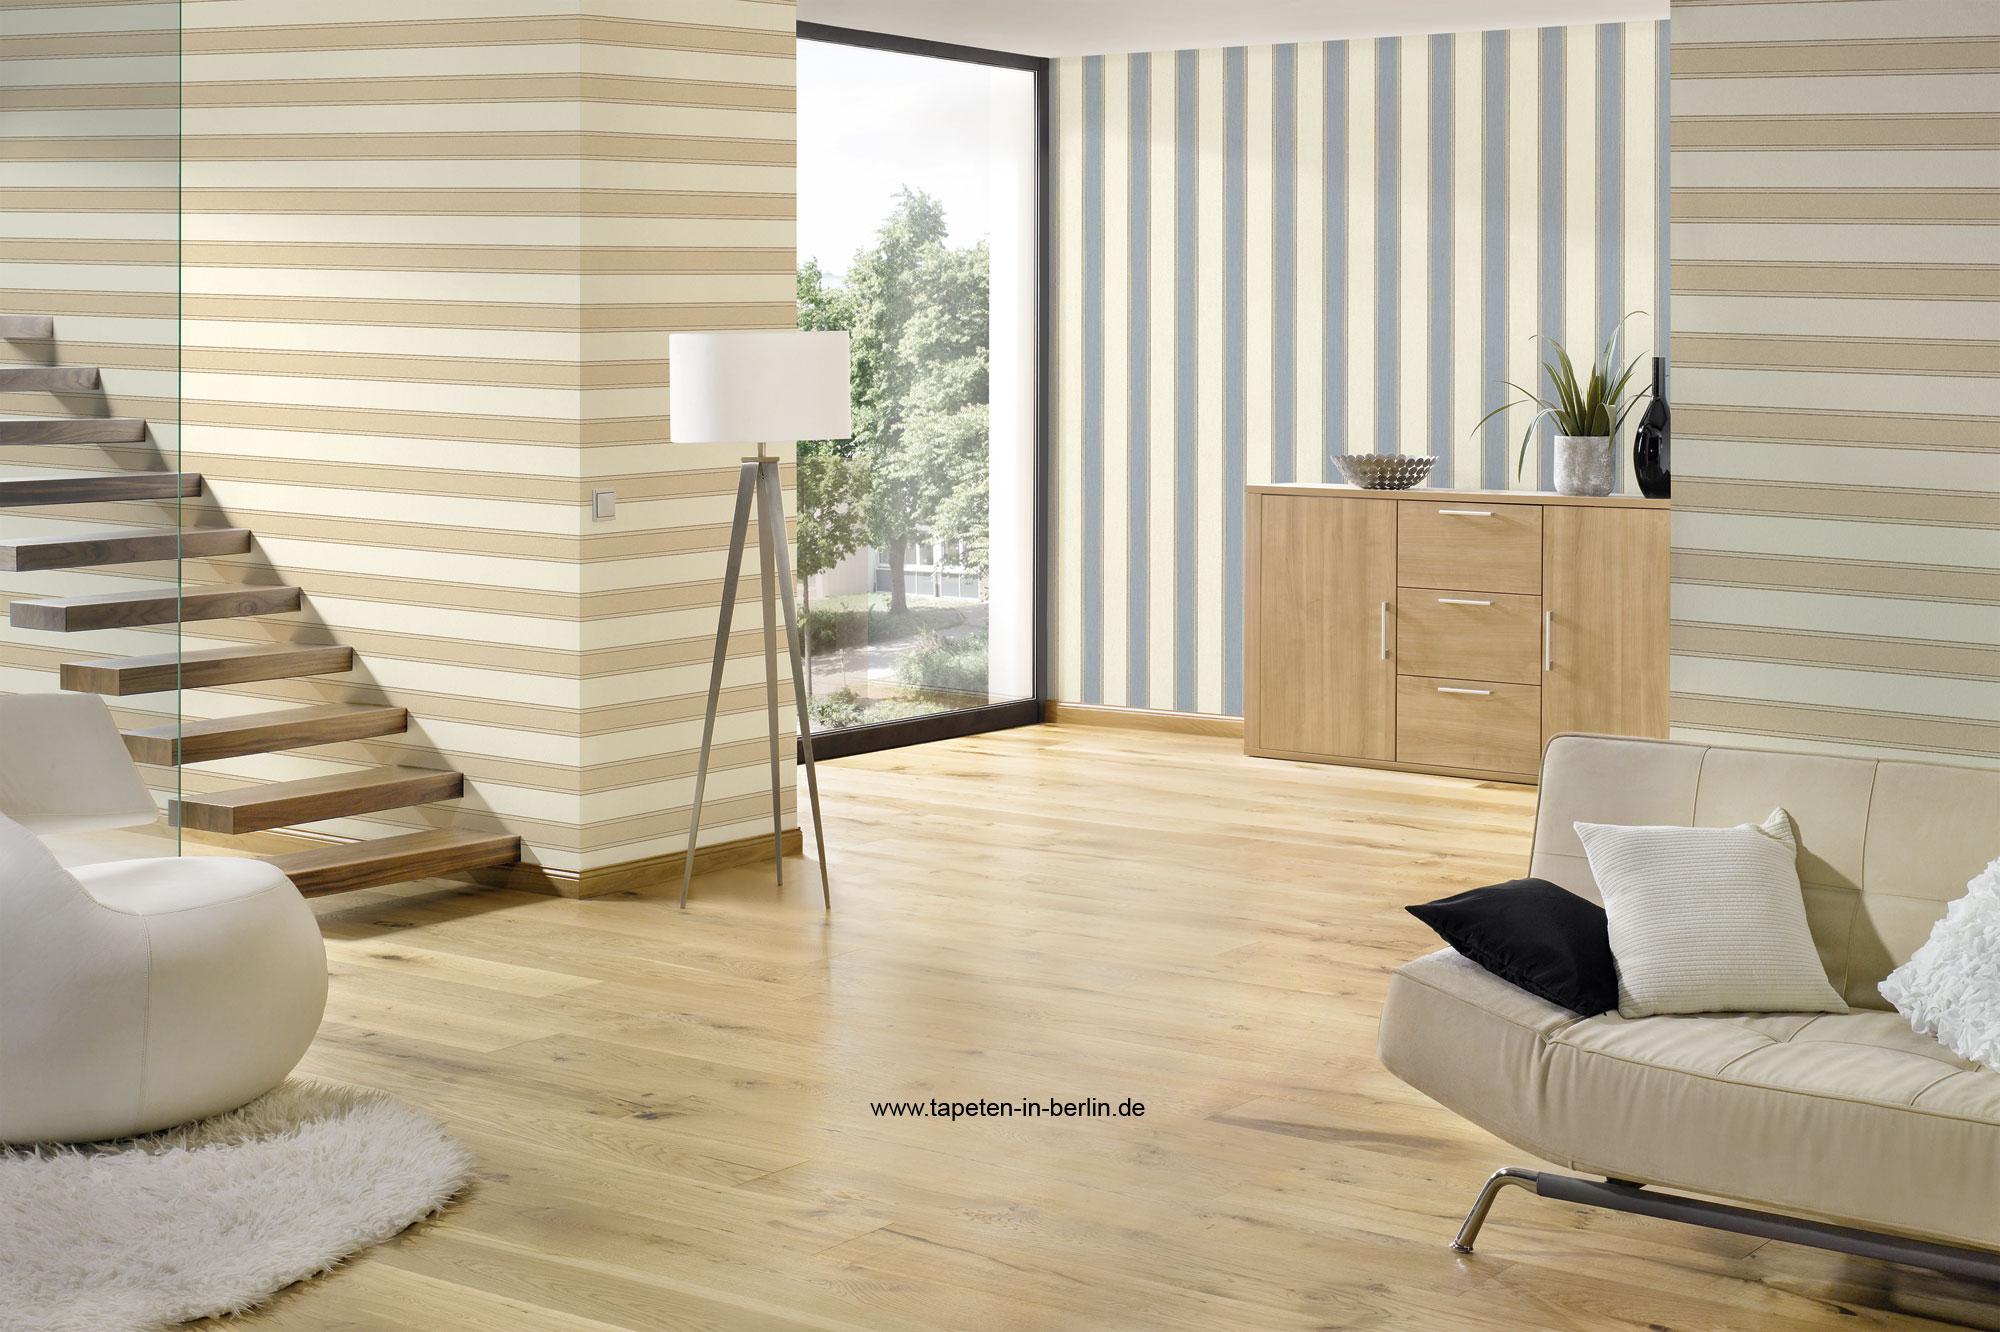 tapetenmuster wohnzimmer streifen. Black Bedroom Furniture Sets. Home Design Ideas